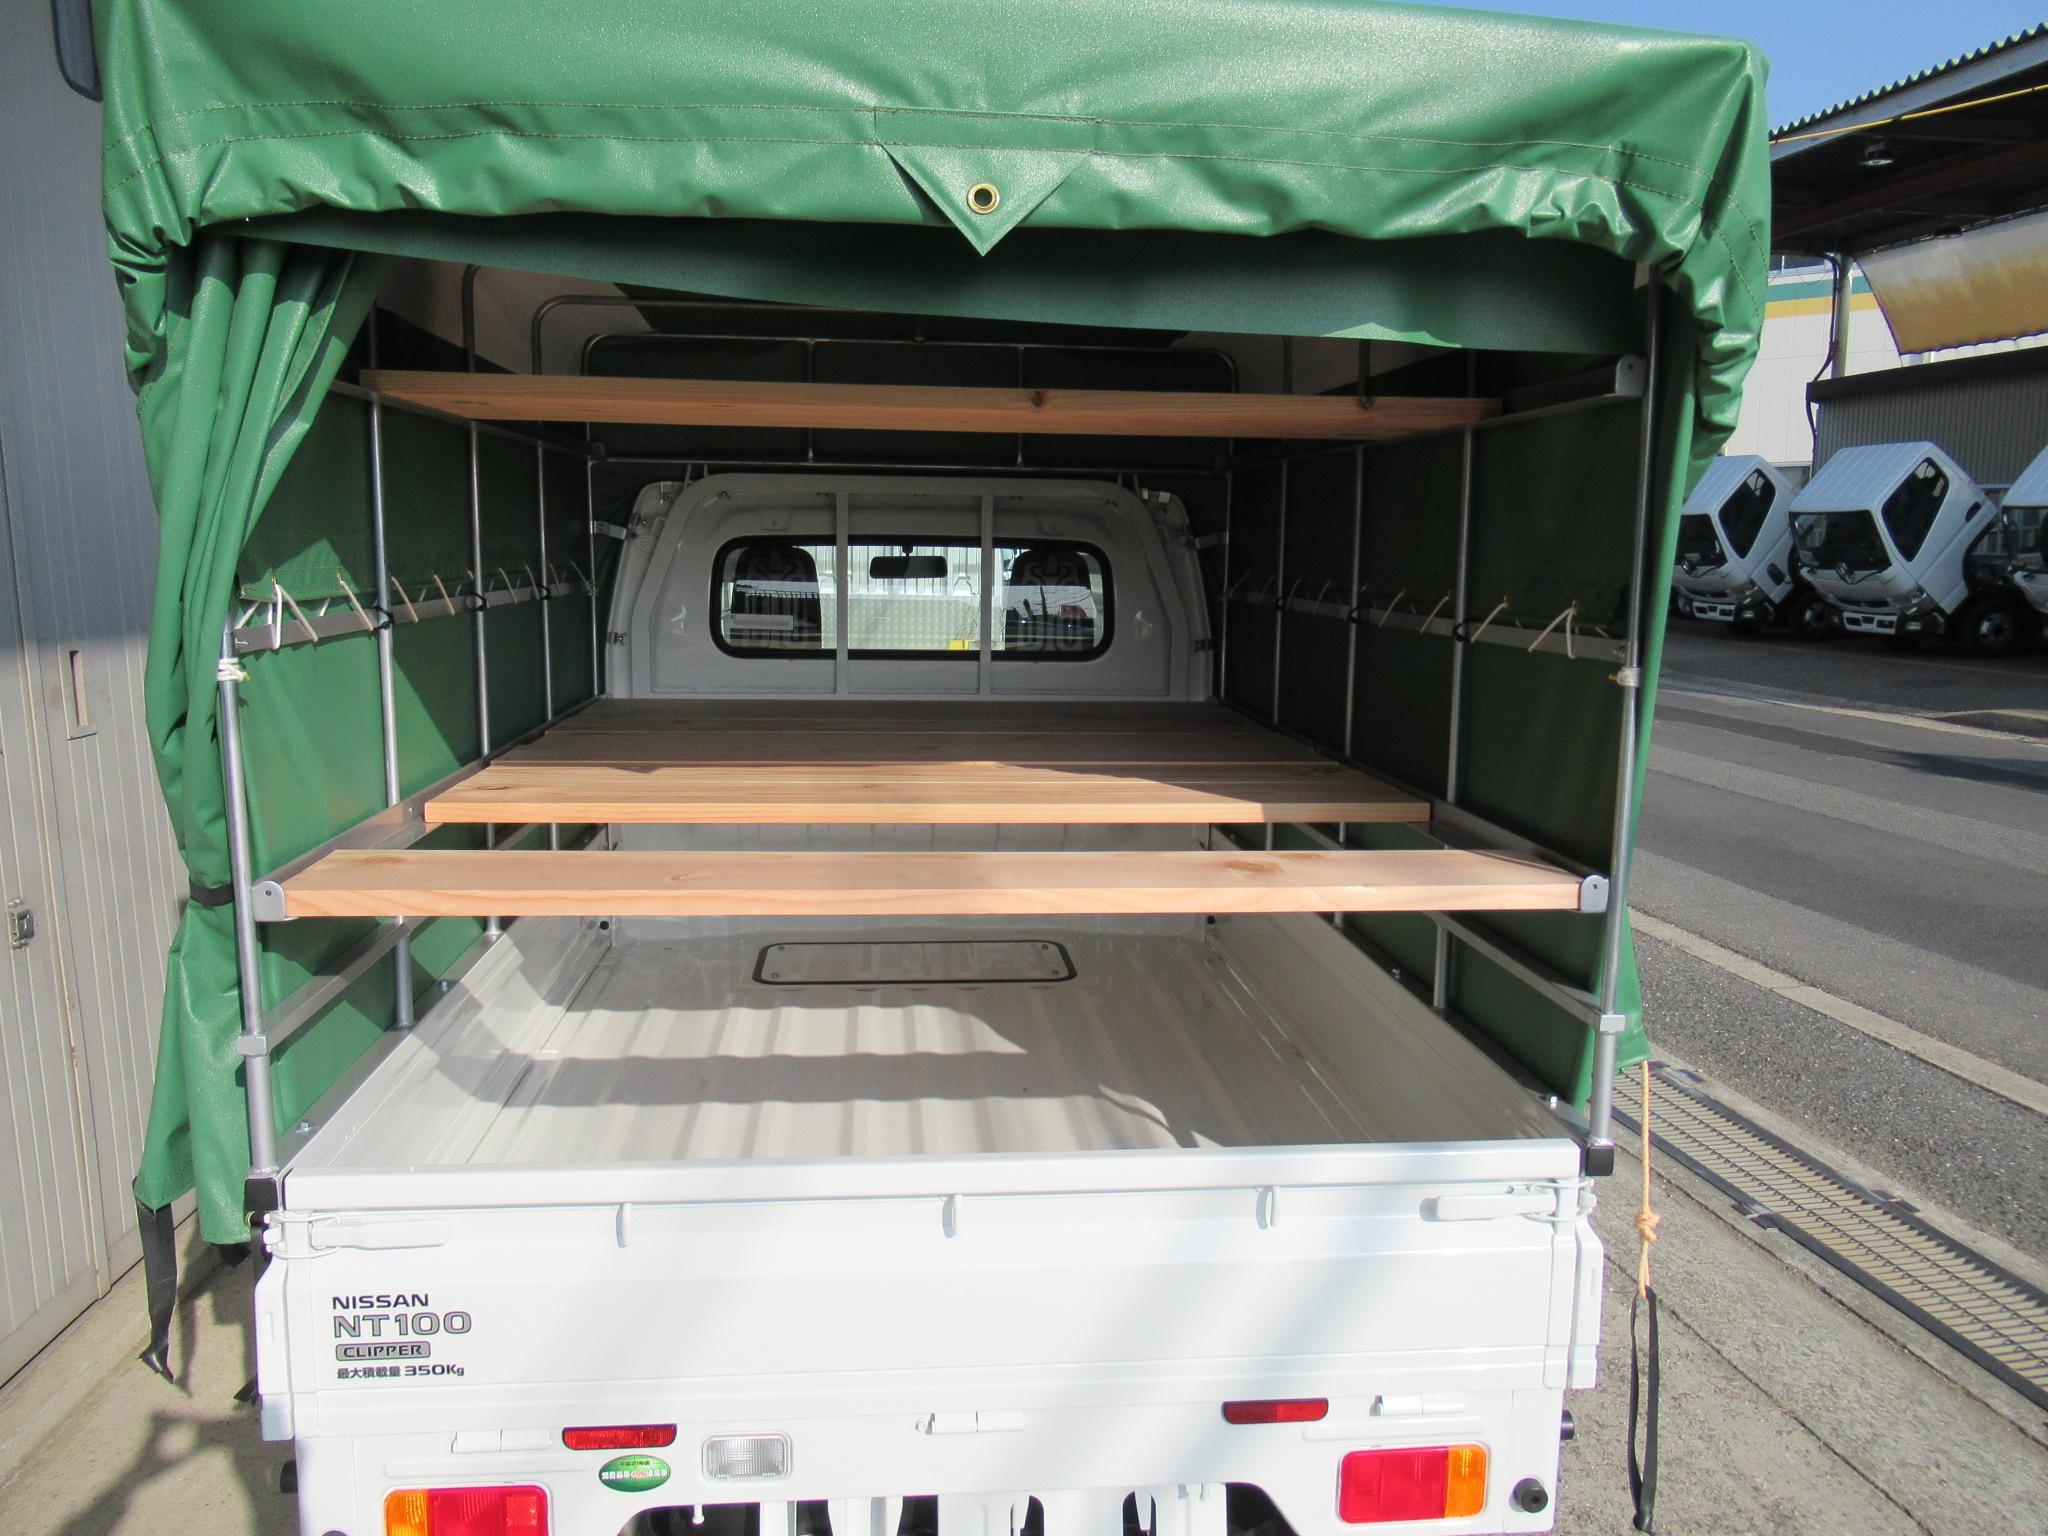 ランカン式幌架装 内部アングル棚・棚板製作